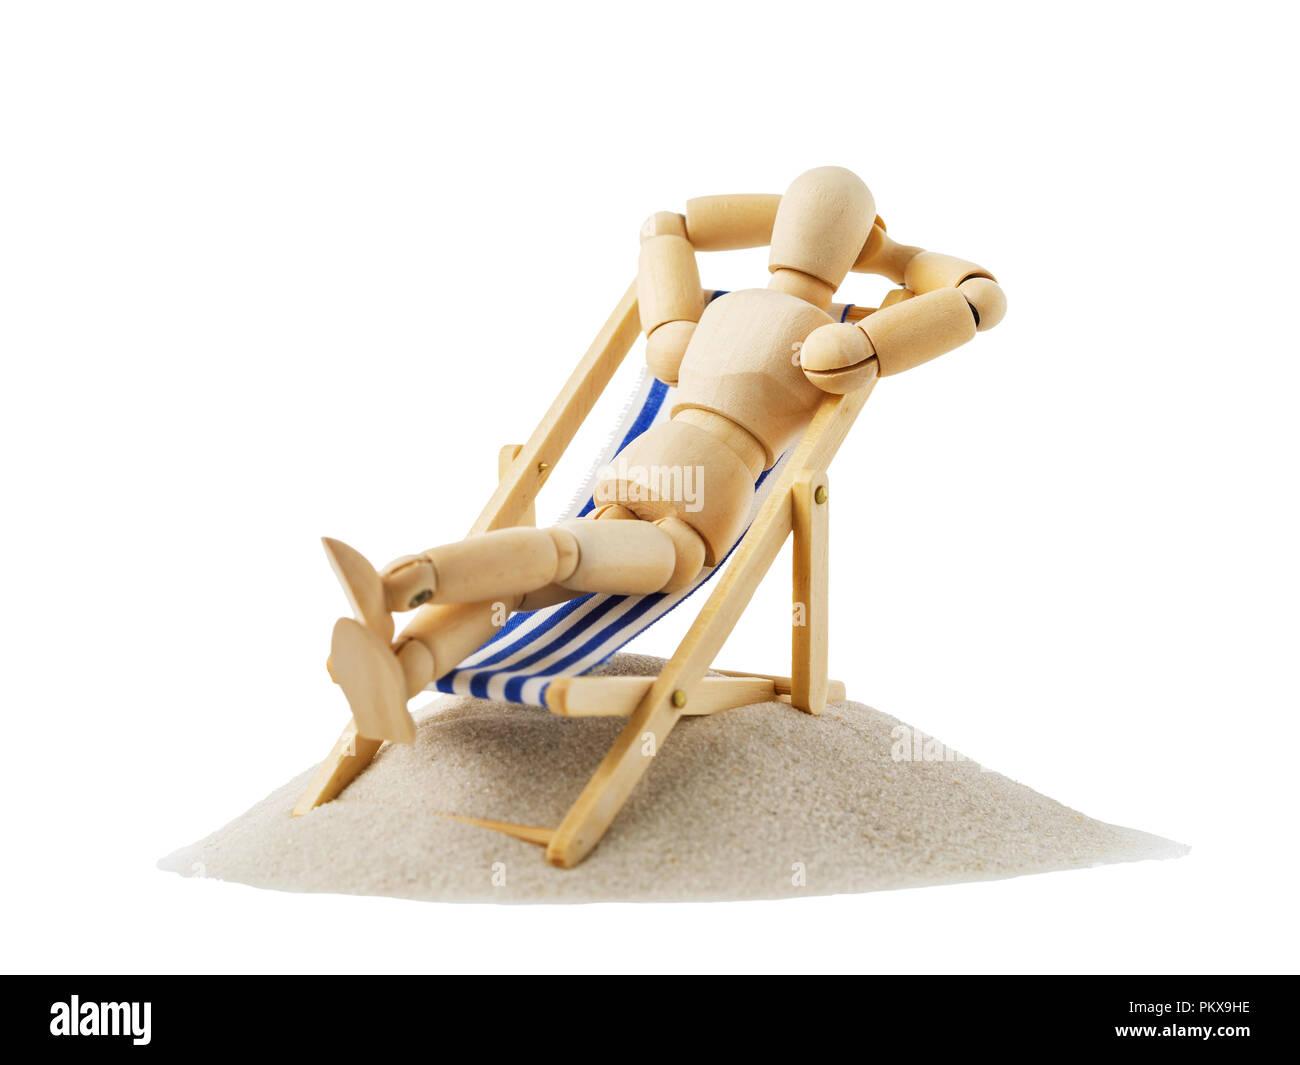 Figura in legno in forma di un uomo appoggiato su una sedia a sdraio. Gestalta isolati su sfondo bianco Immagini Stock